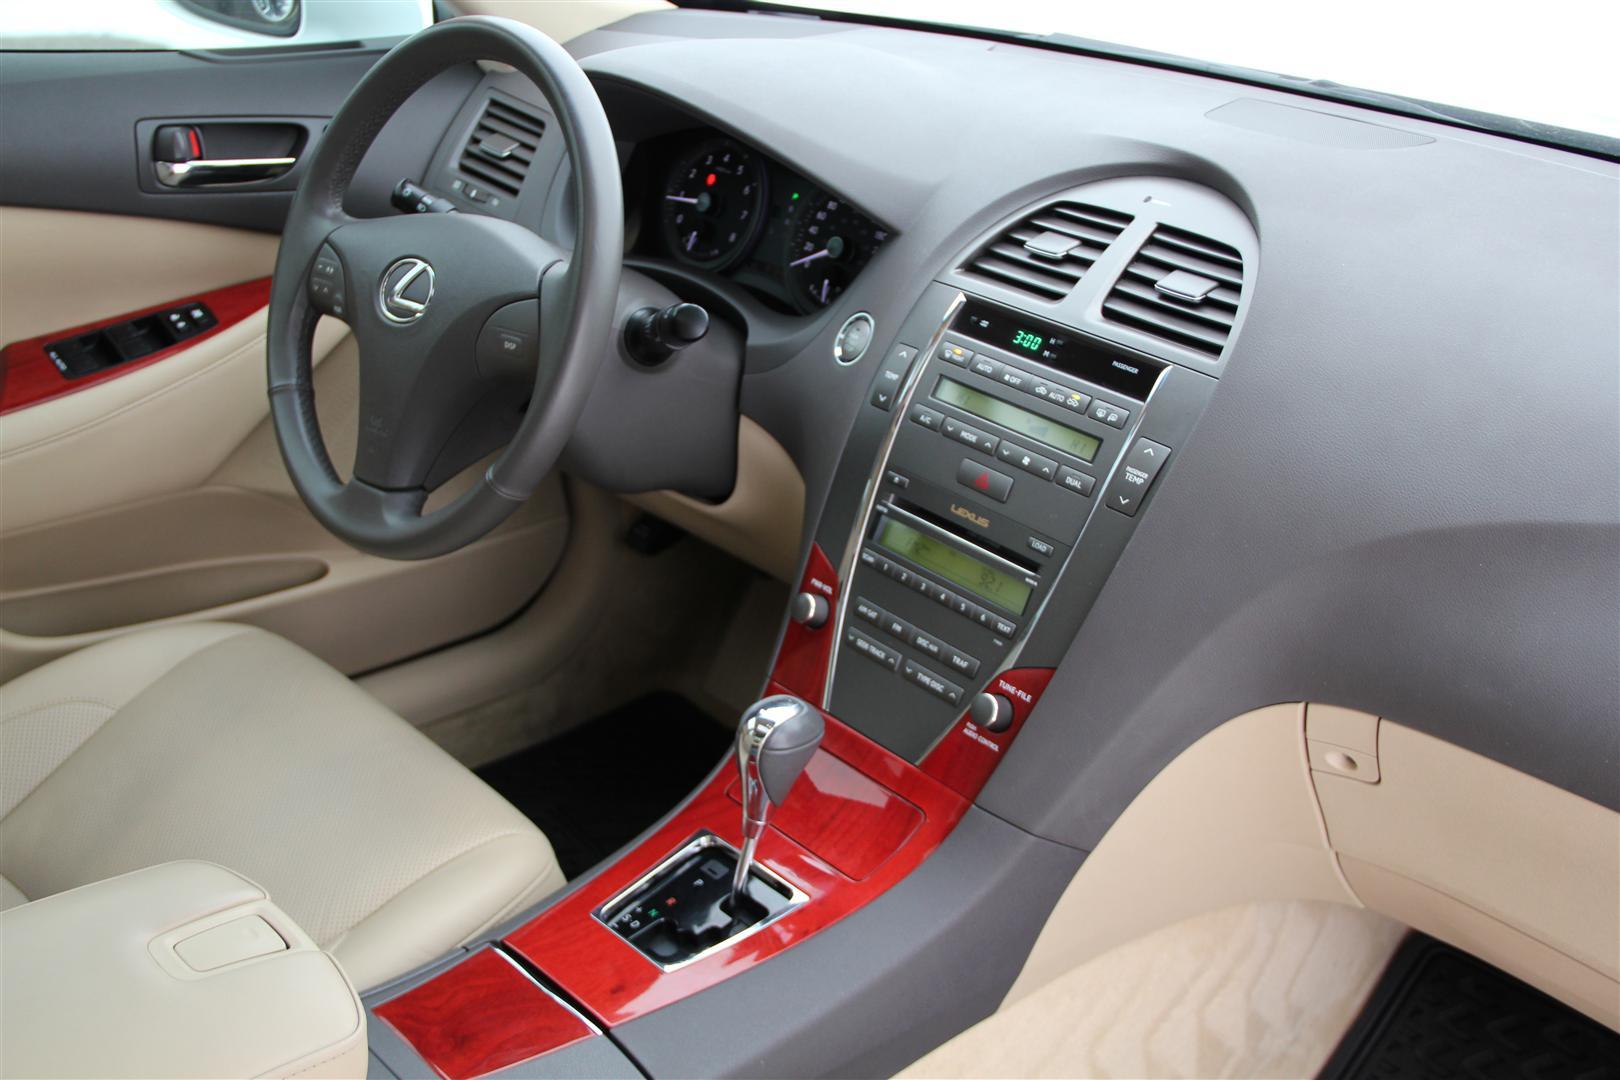 2008 Lexus Es350 Premium Plus Envision Auto Es 350 3 5l Engine Diagram Vehicle Specification